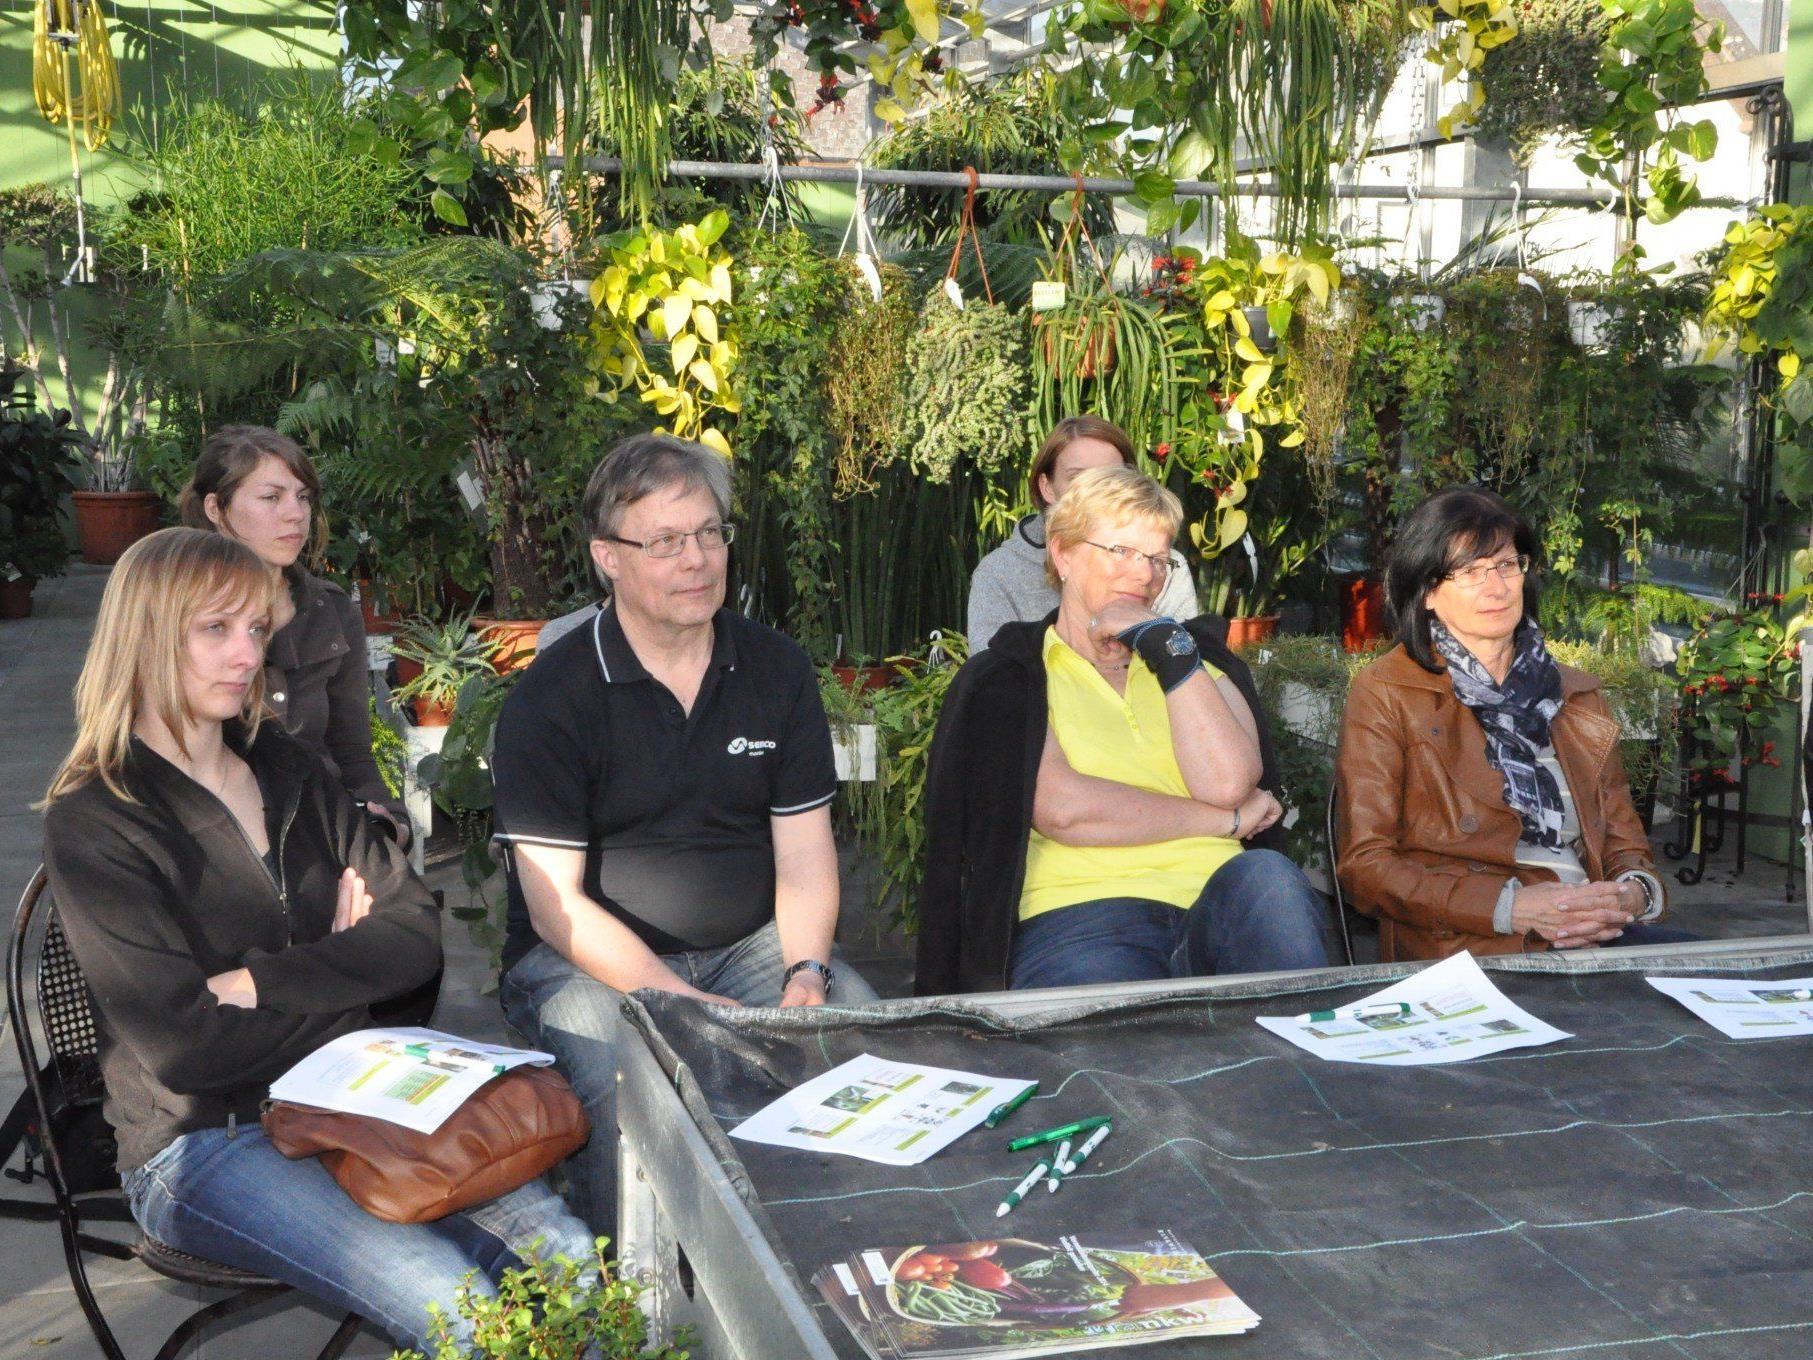 Immer mehr Gartenfreunde interessieren sich für den Garten auf Balkon oder Terrasse.